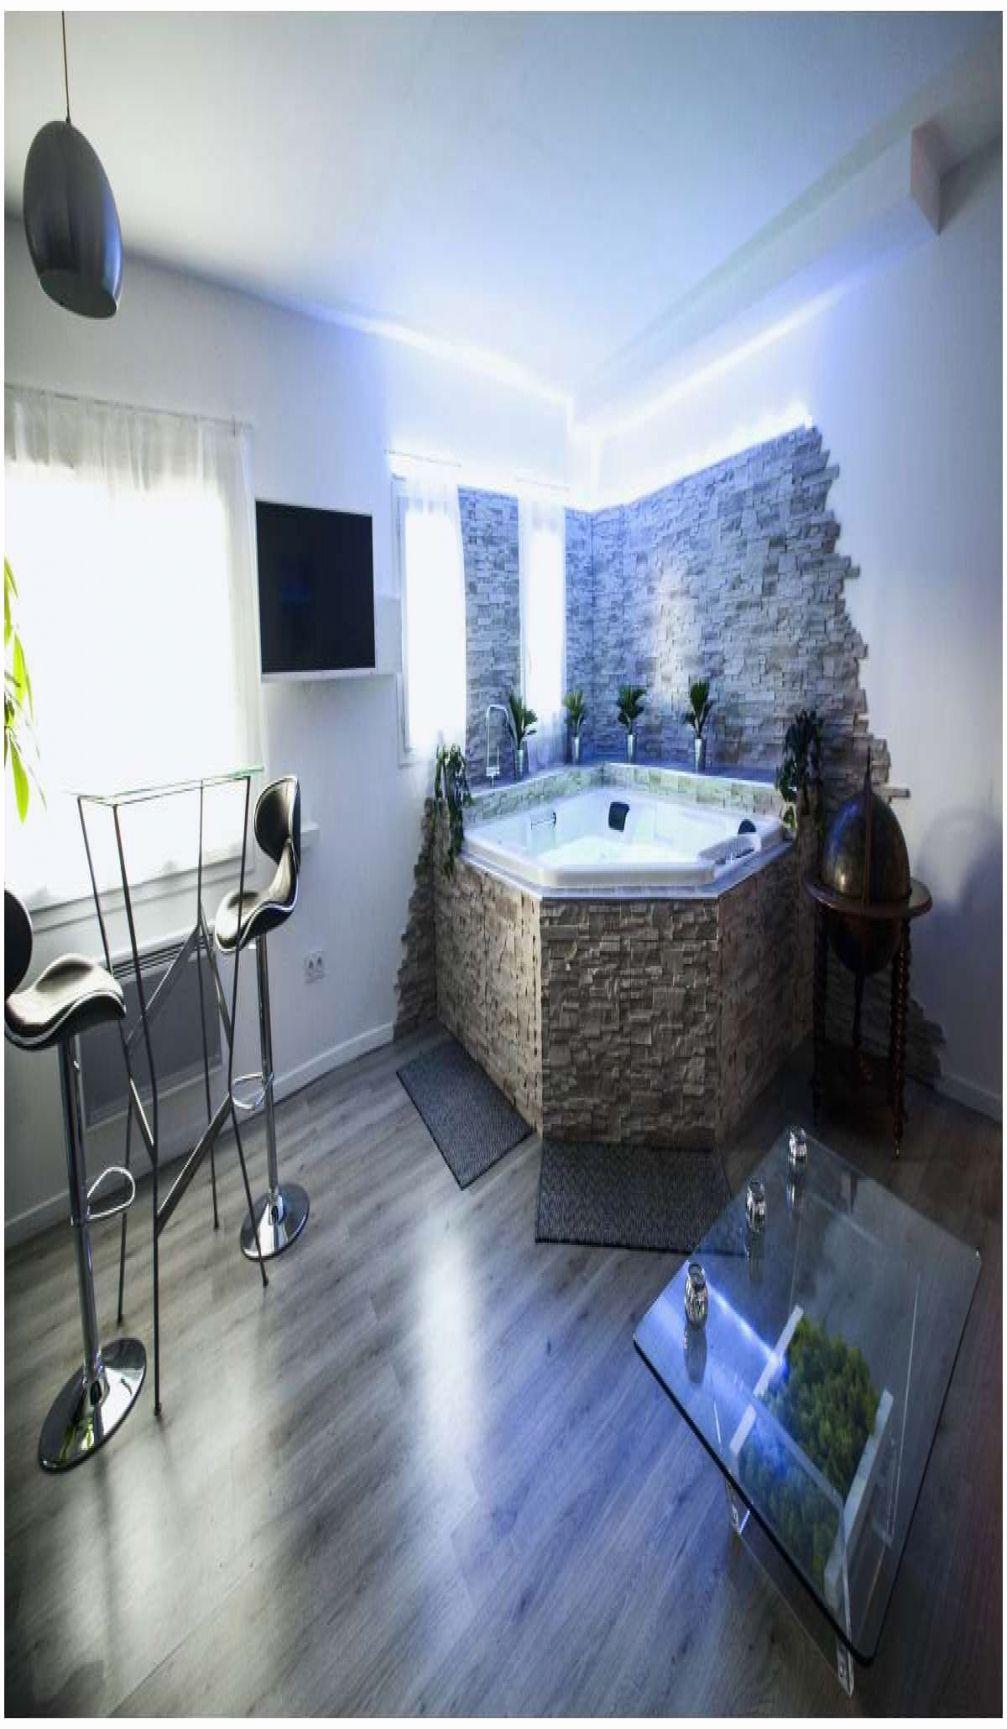 Chambre Suite Avec Jacuzzi Jacuzzi Privatif Lyon Chambre Chambres Avec Jacuzzi In 2020 Bathroom Bathtub